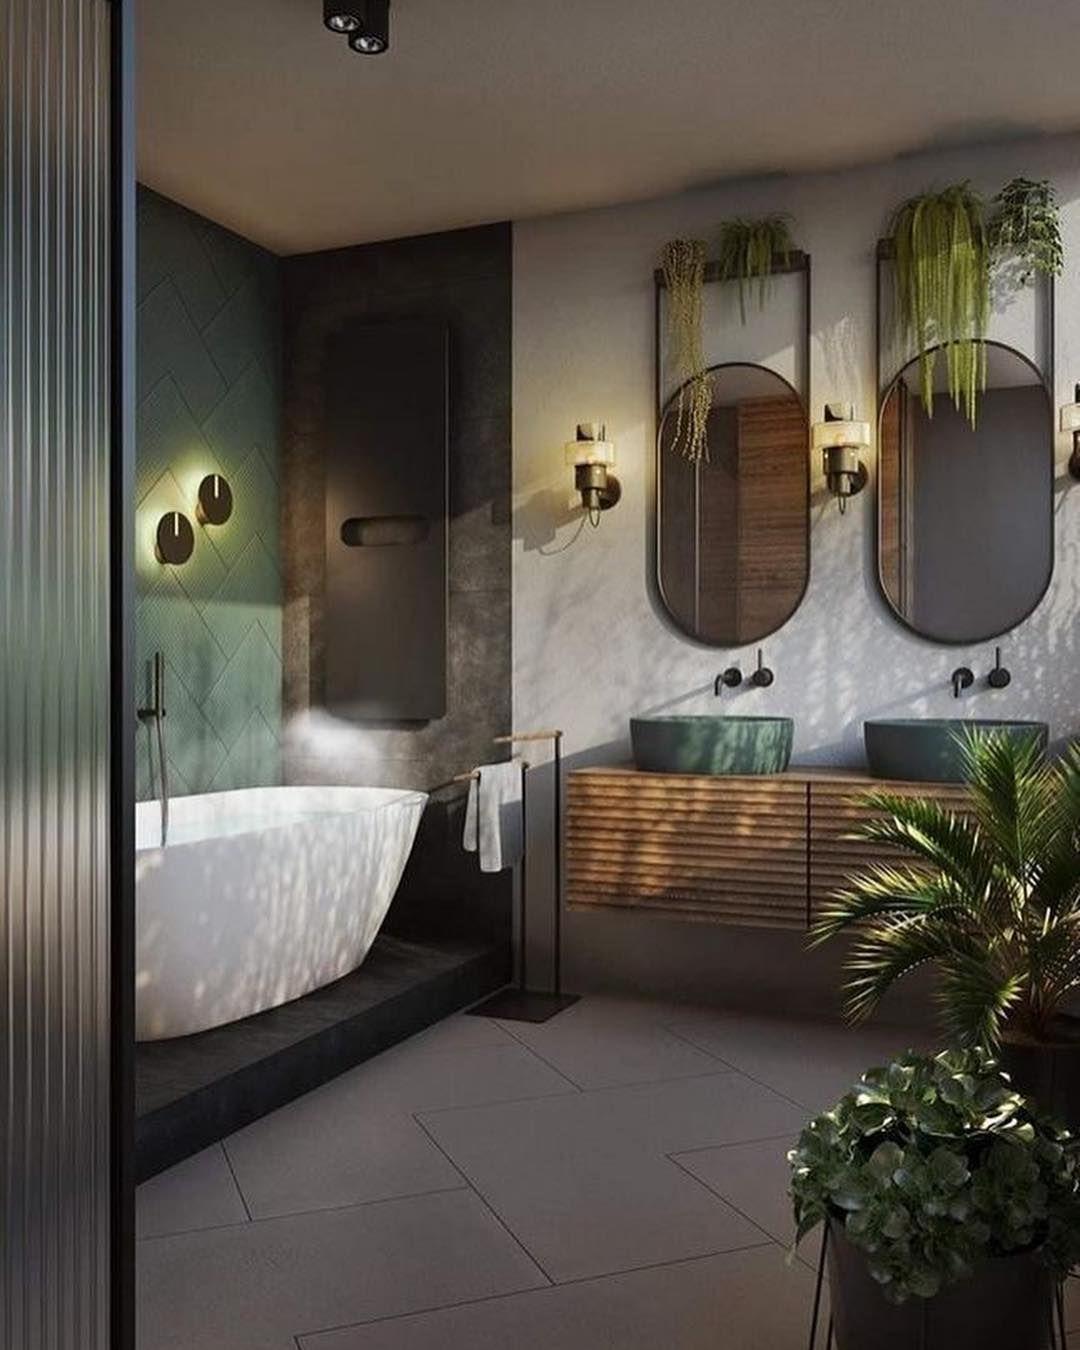 Botanische industriële badkamer met heel veel planten. #badkamerinspiratie